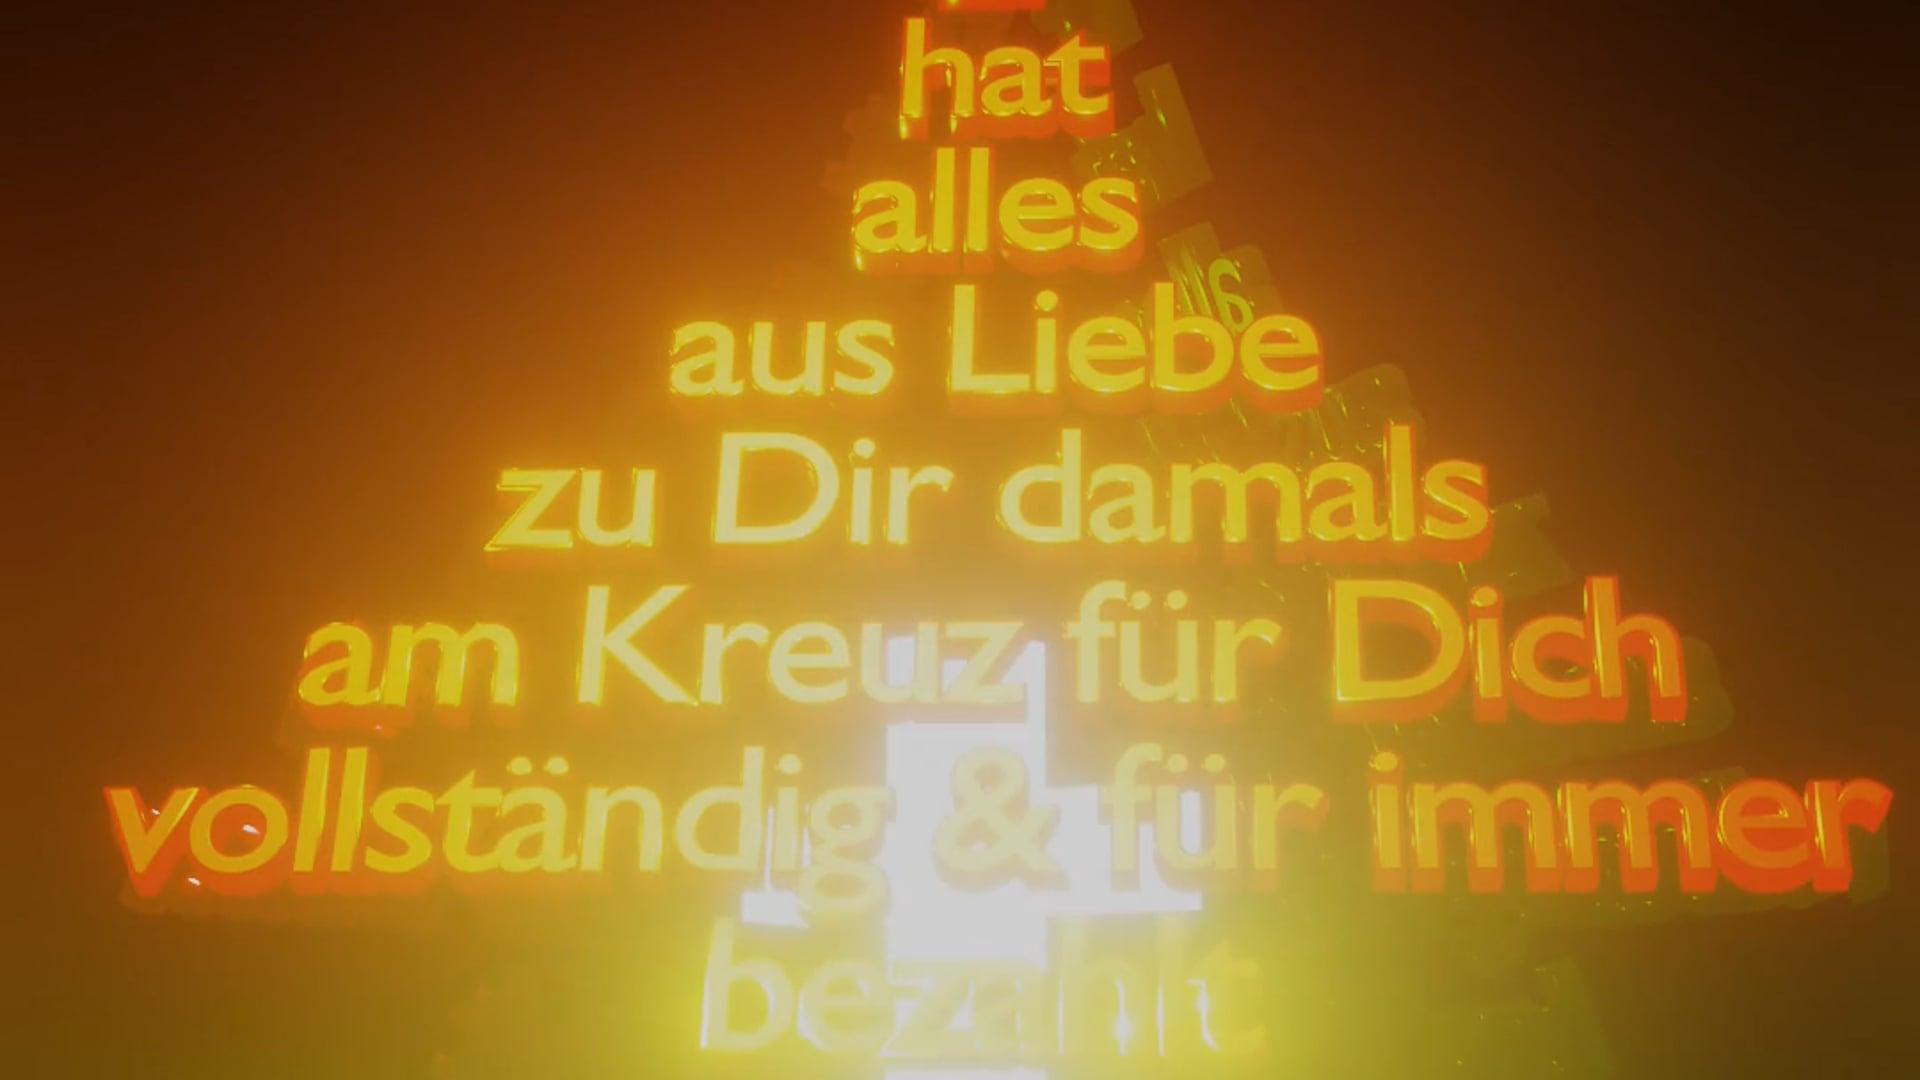 Blick-mal-unter-deinen-Weihnachtsbaum-Kreativ-Studio-Nuding-mit-Sounddesign-und-Music-by-Jonas-Grauer